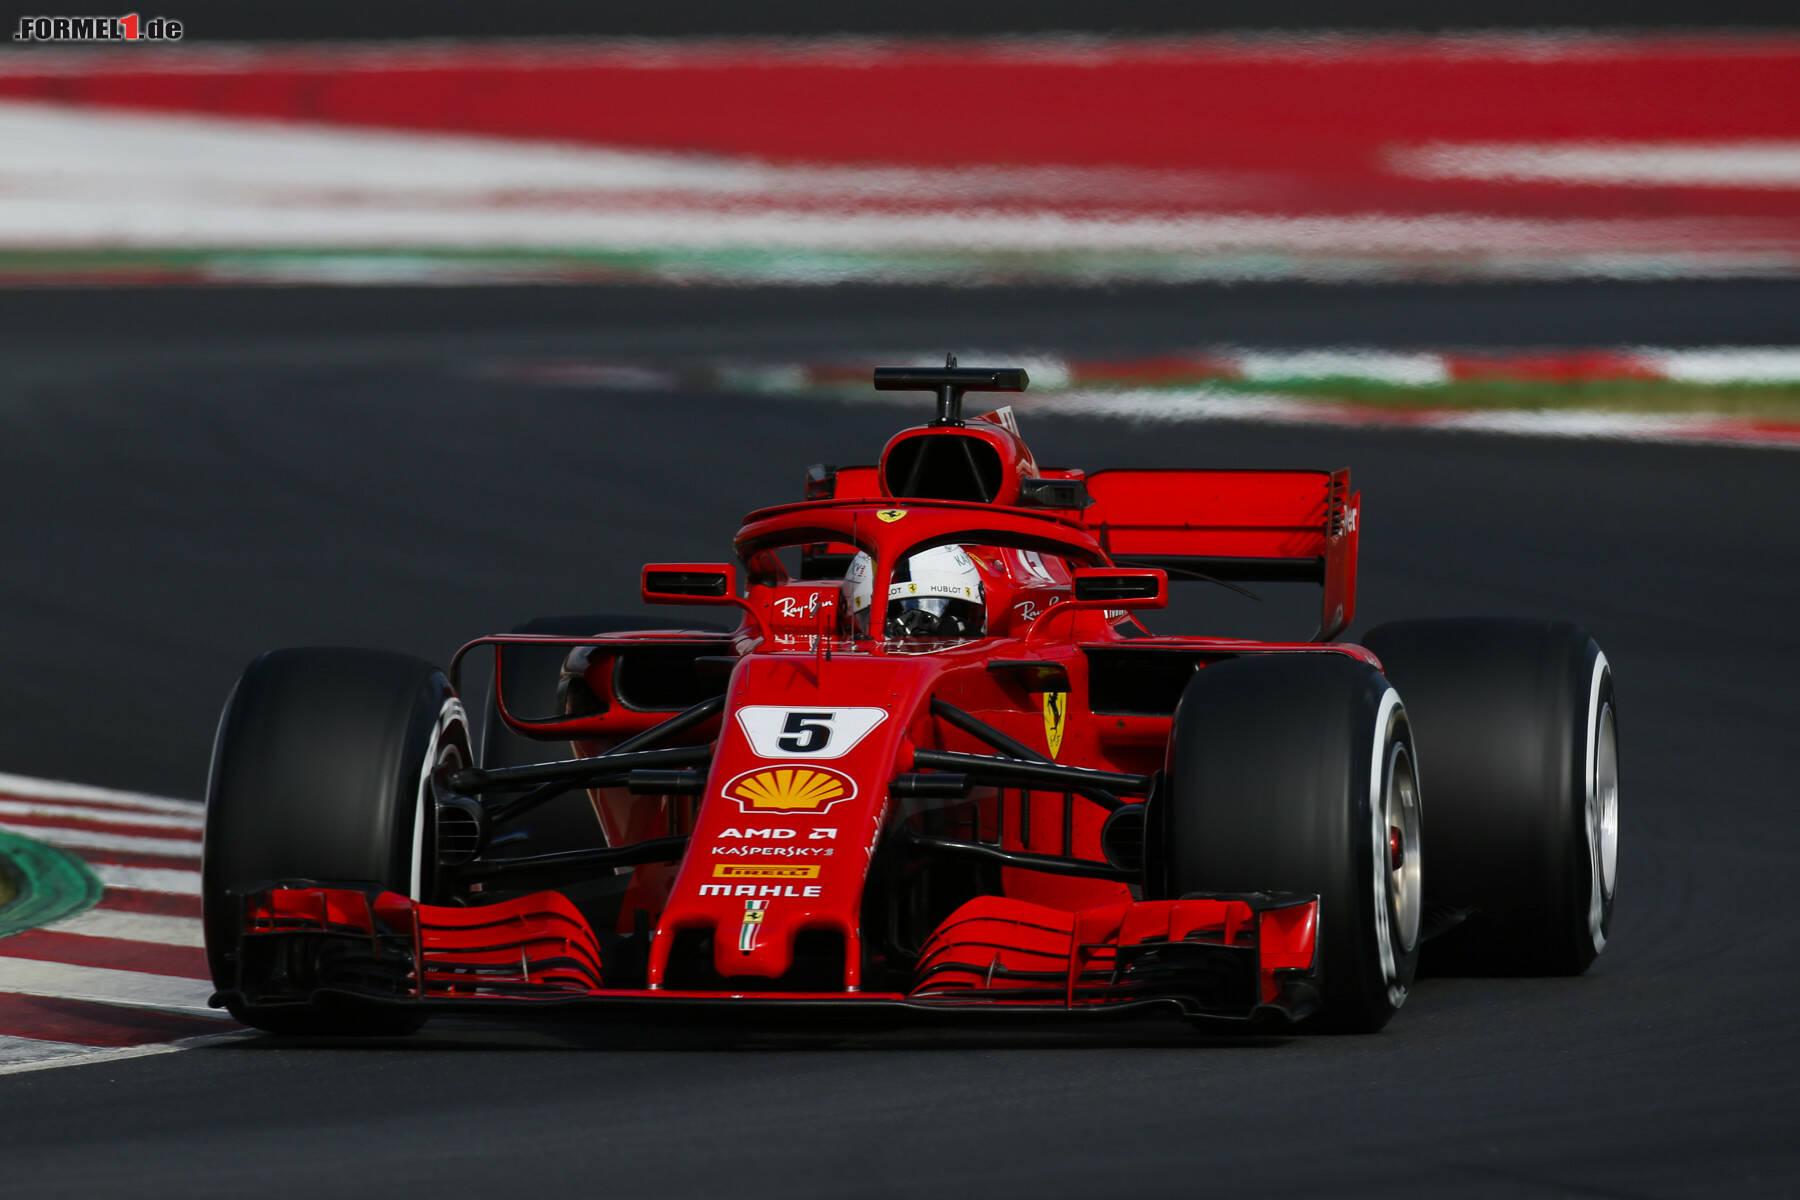 Start Formel 1 Heute Uhrzeit